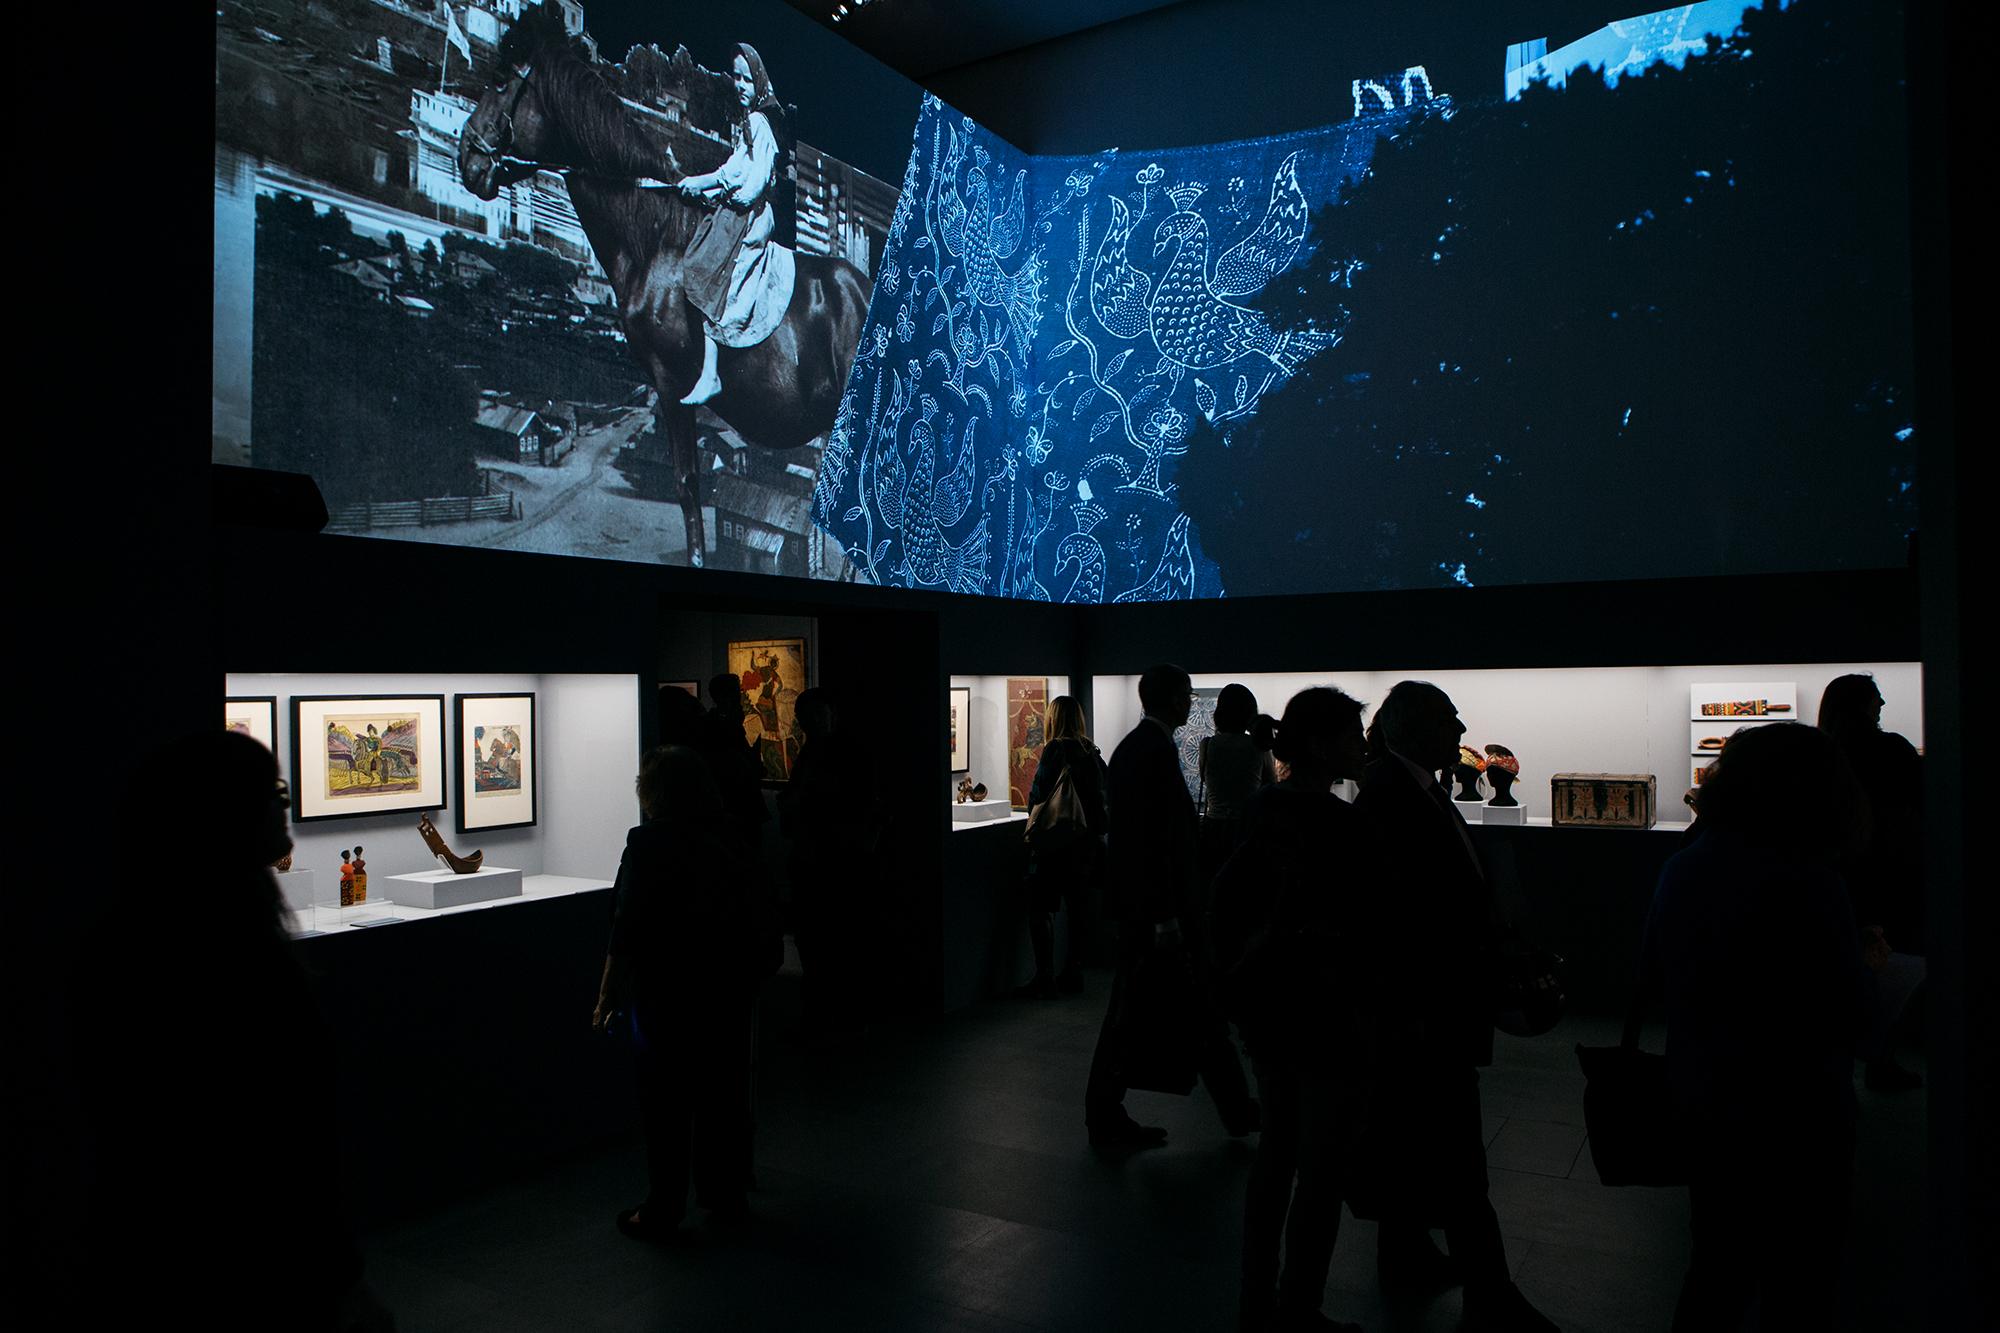 In mostra ci sono 49 opere e 85 tra icone, stampe popolari ed esempi di arte decorativa